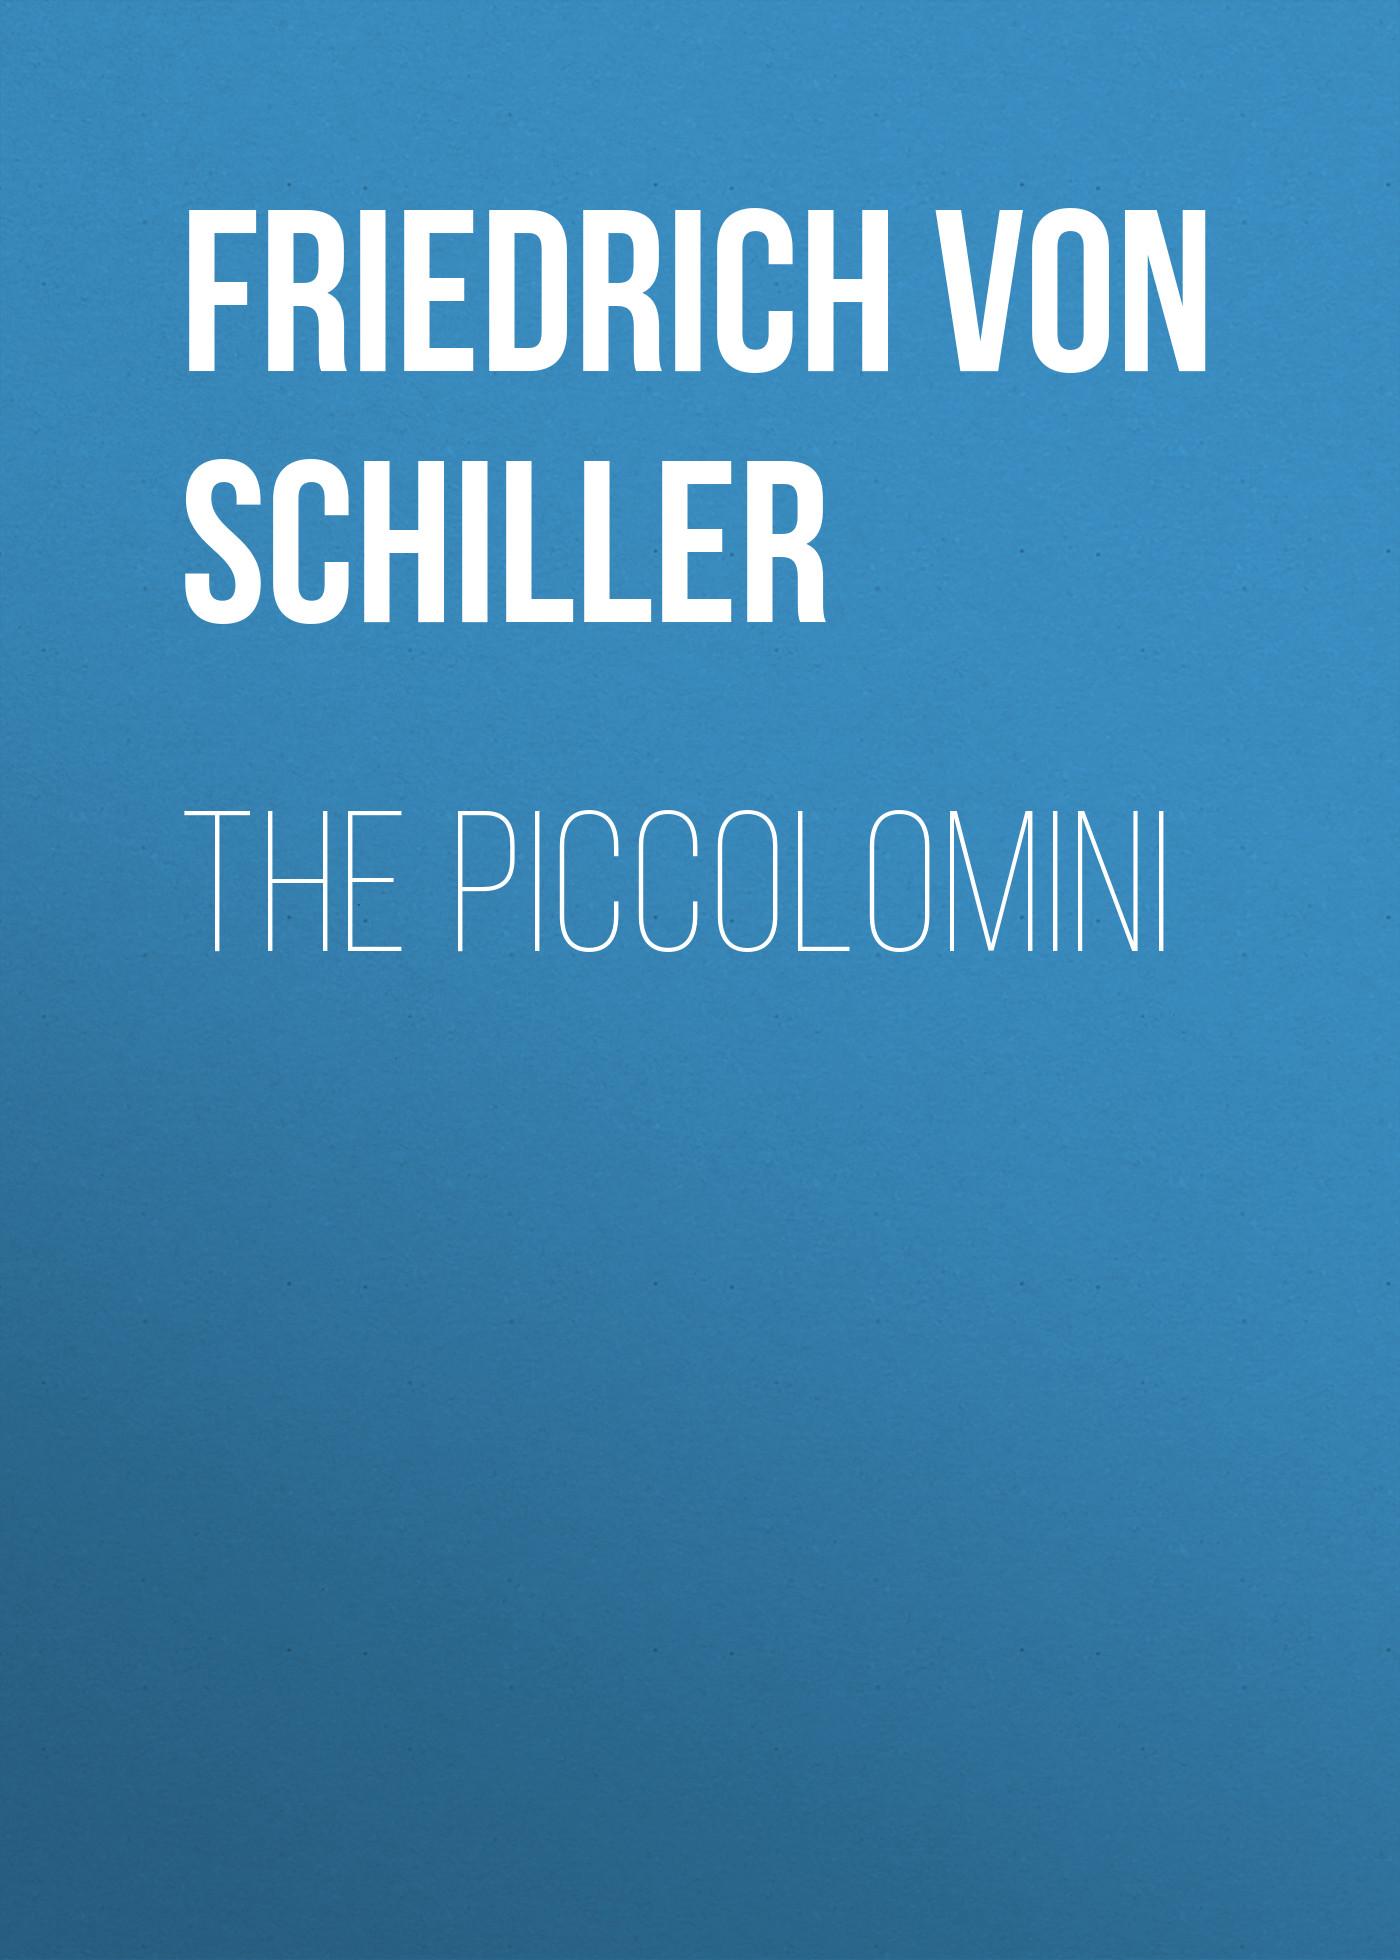 Friedrich von Schiller The Piccolomini цена